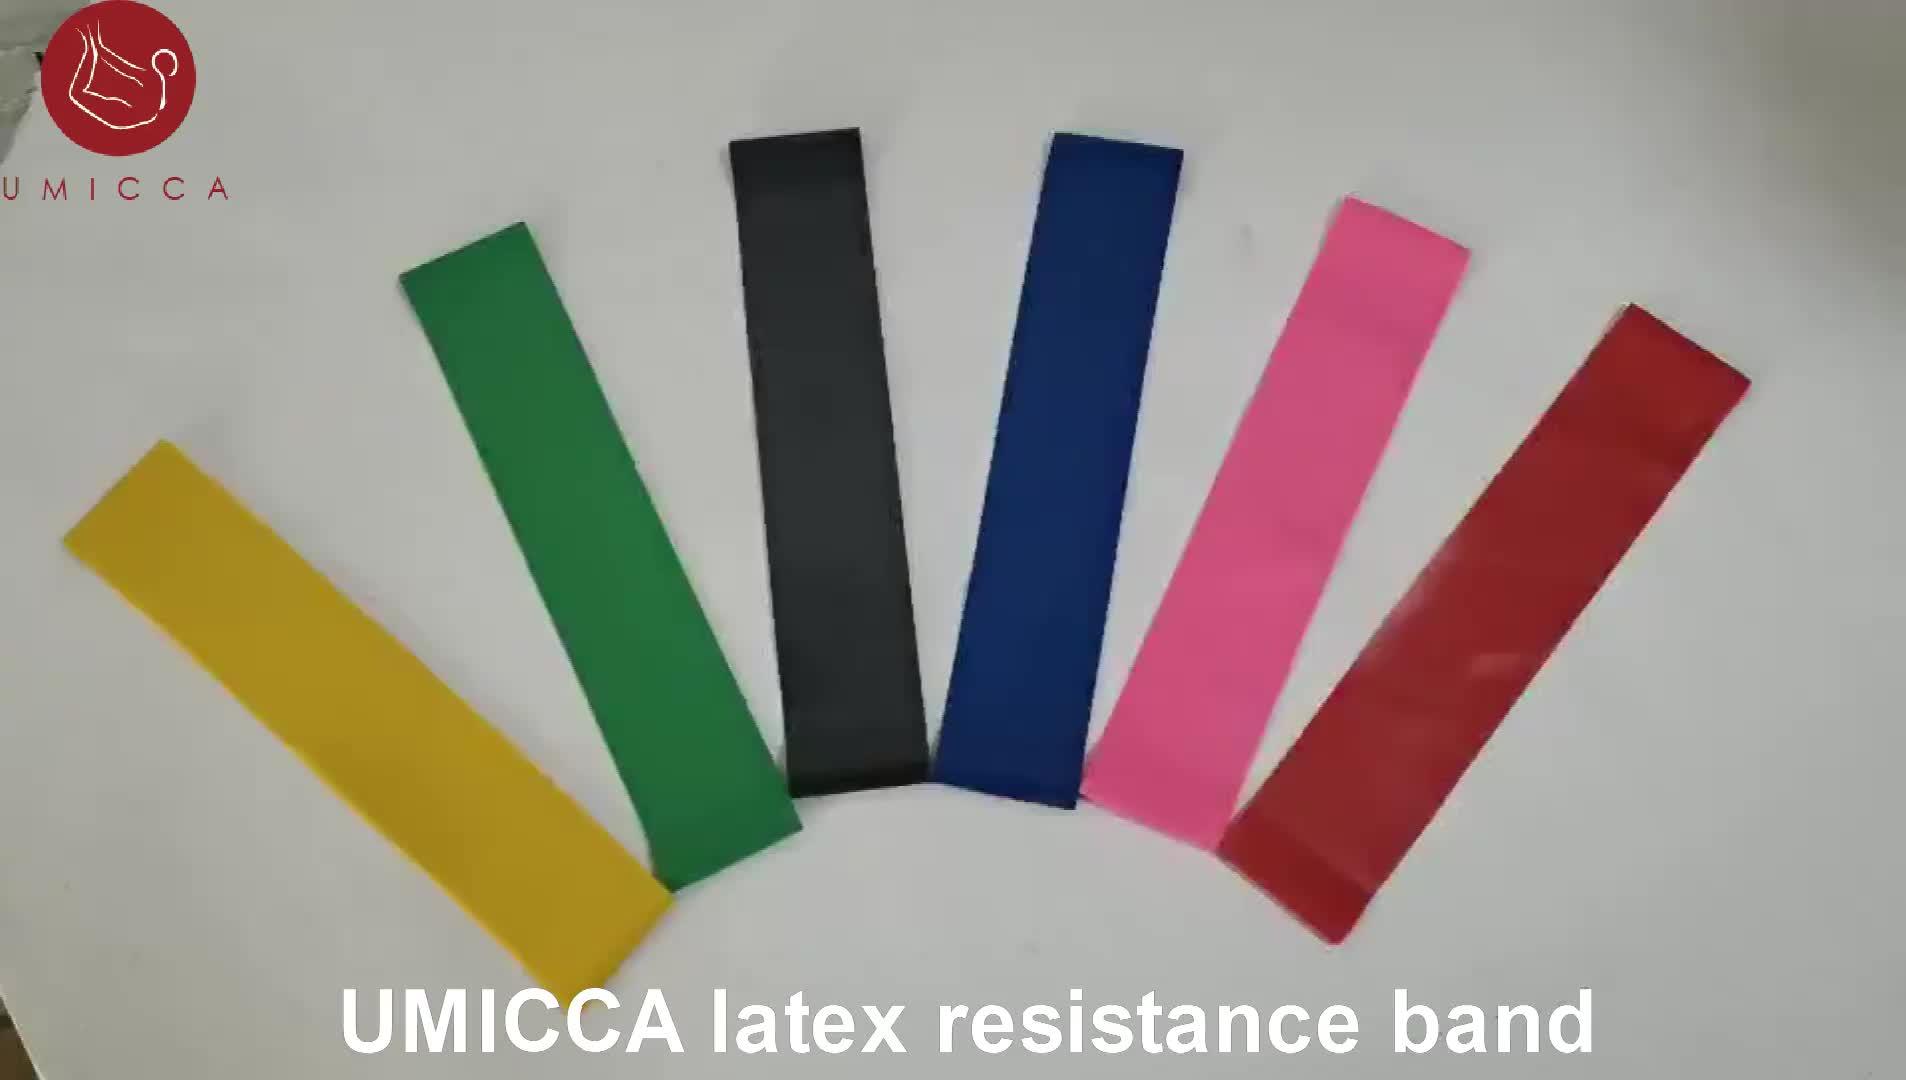 الغنيمة حزام الورك مكافحة المفاجئة اللاتكس الغنيمة المقاومة العصابات شعار